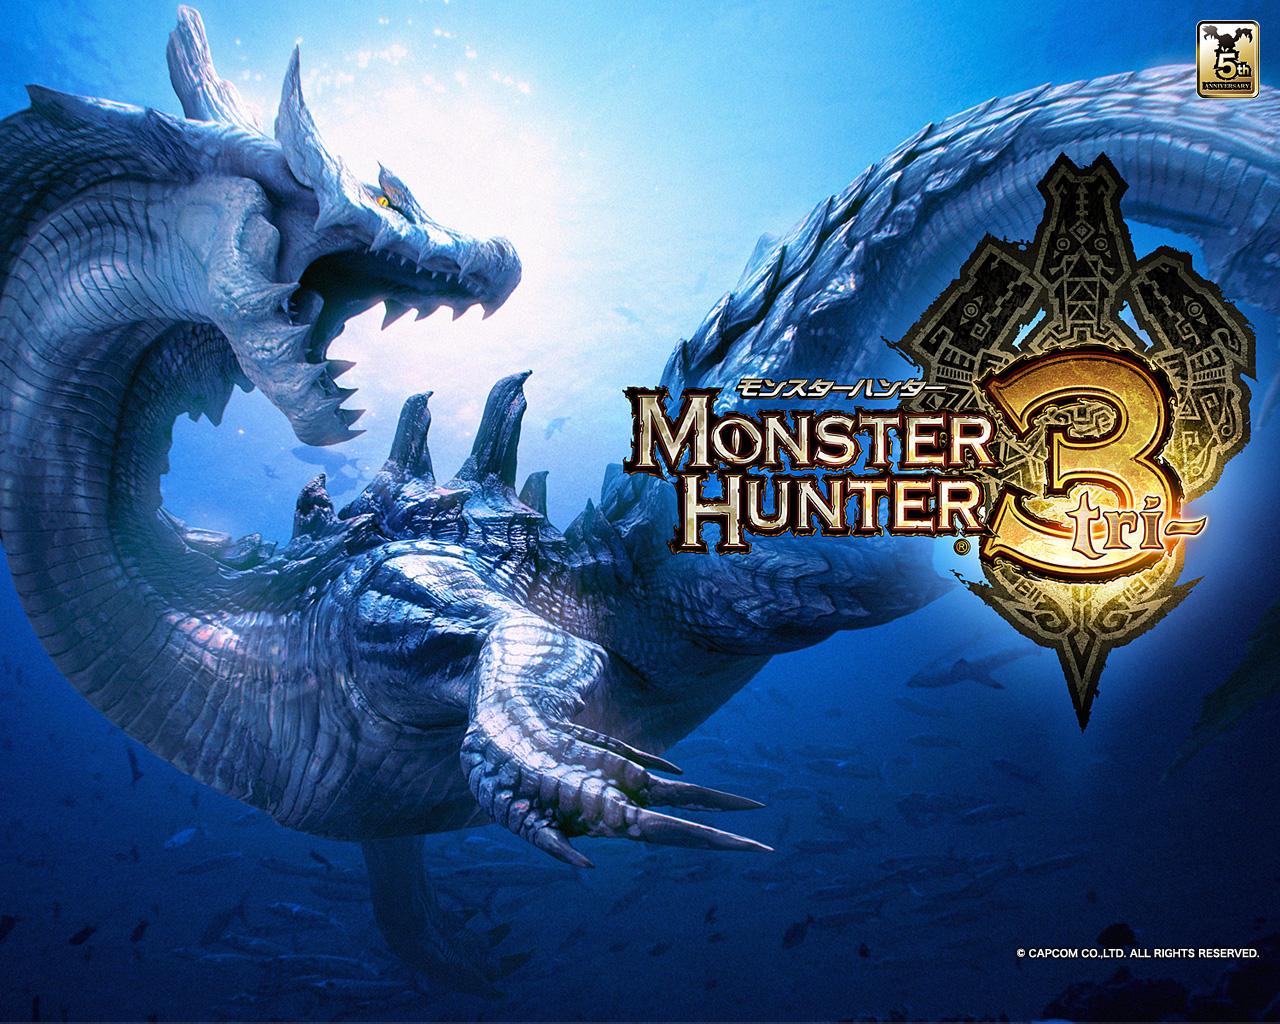 Monster Hunter Tri wallpaper